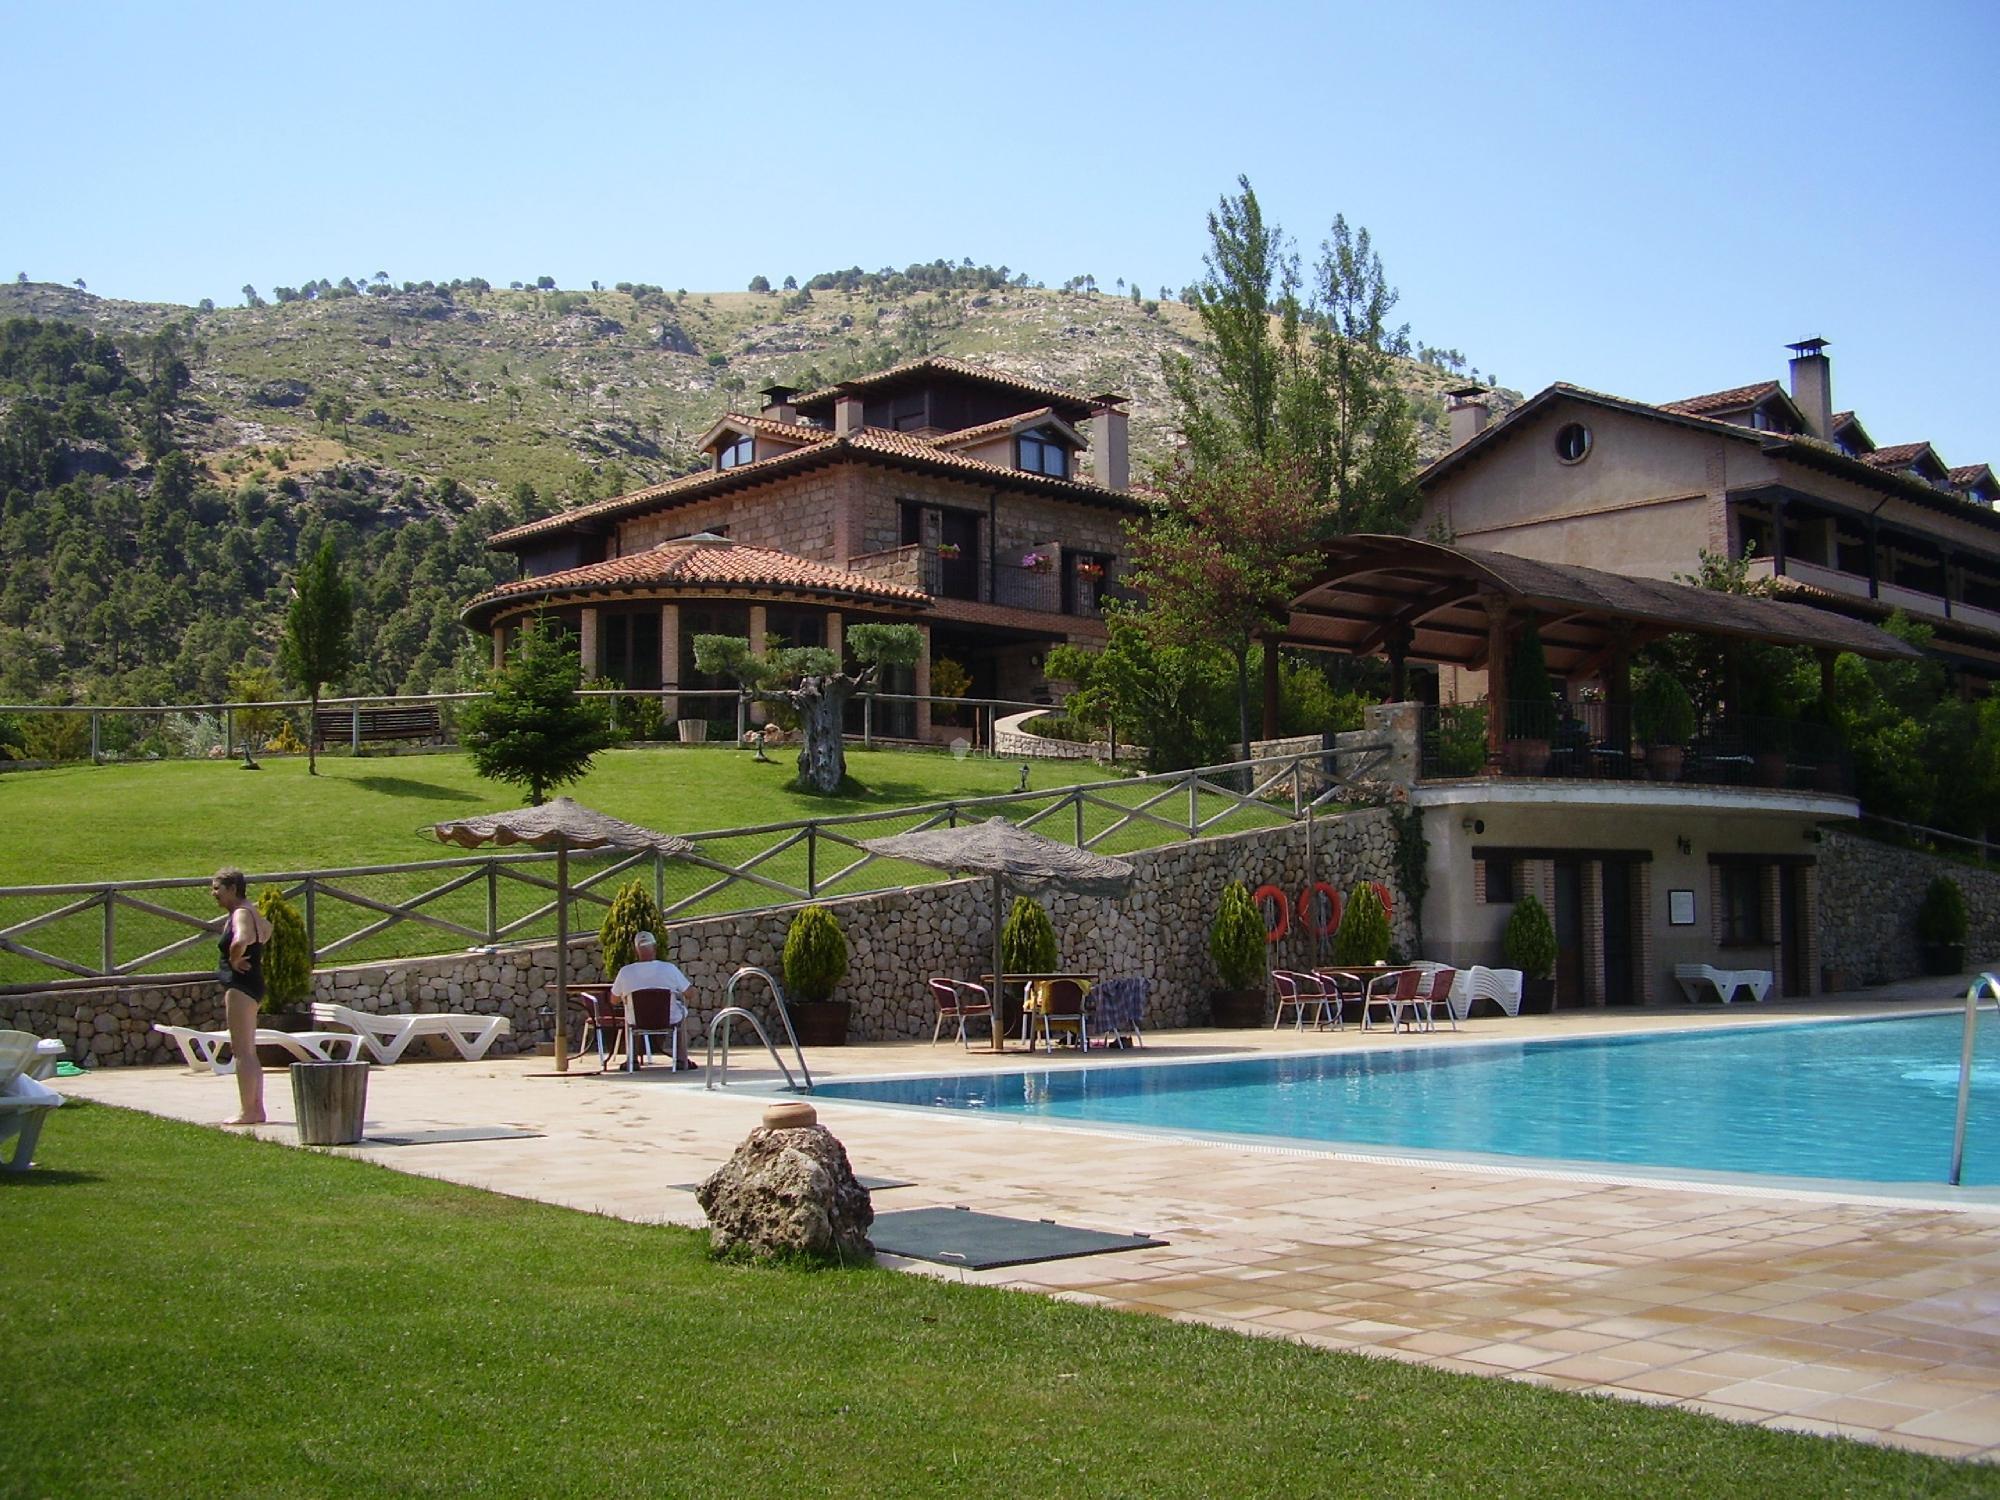 Fotos de Hotel rural Coto del Valle de Cazorla  Jan